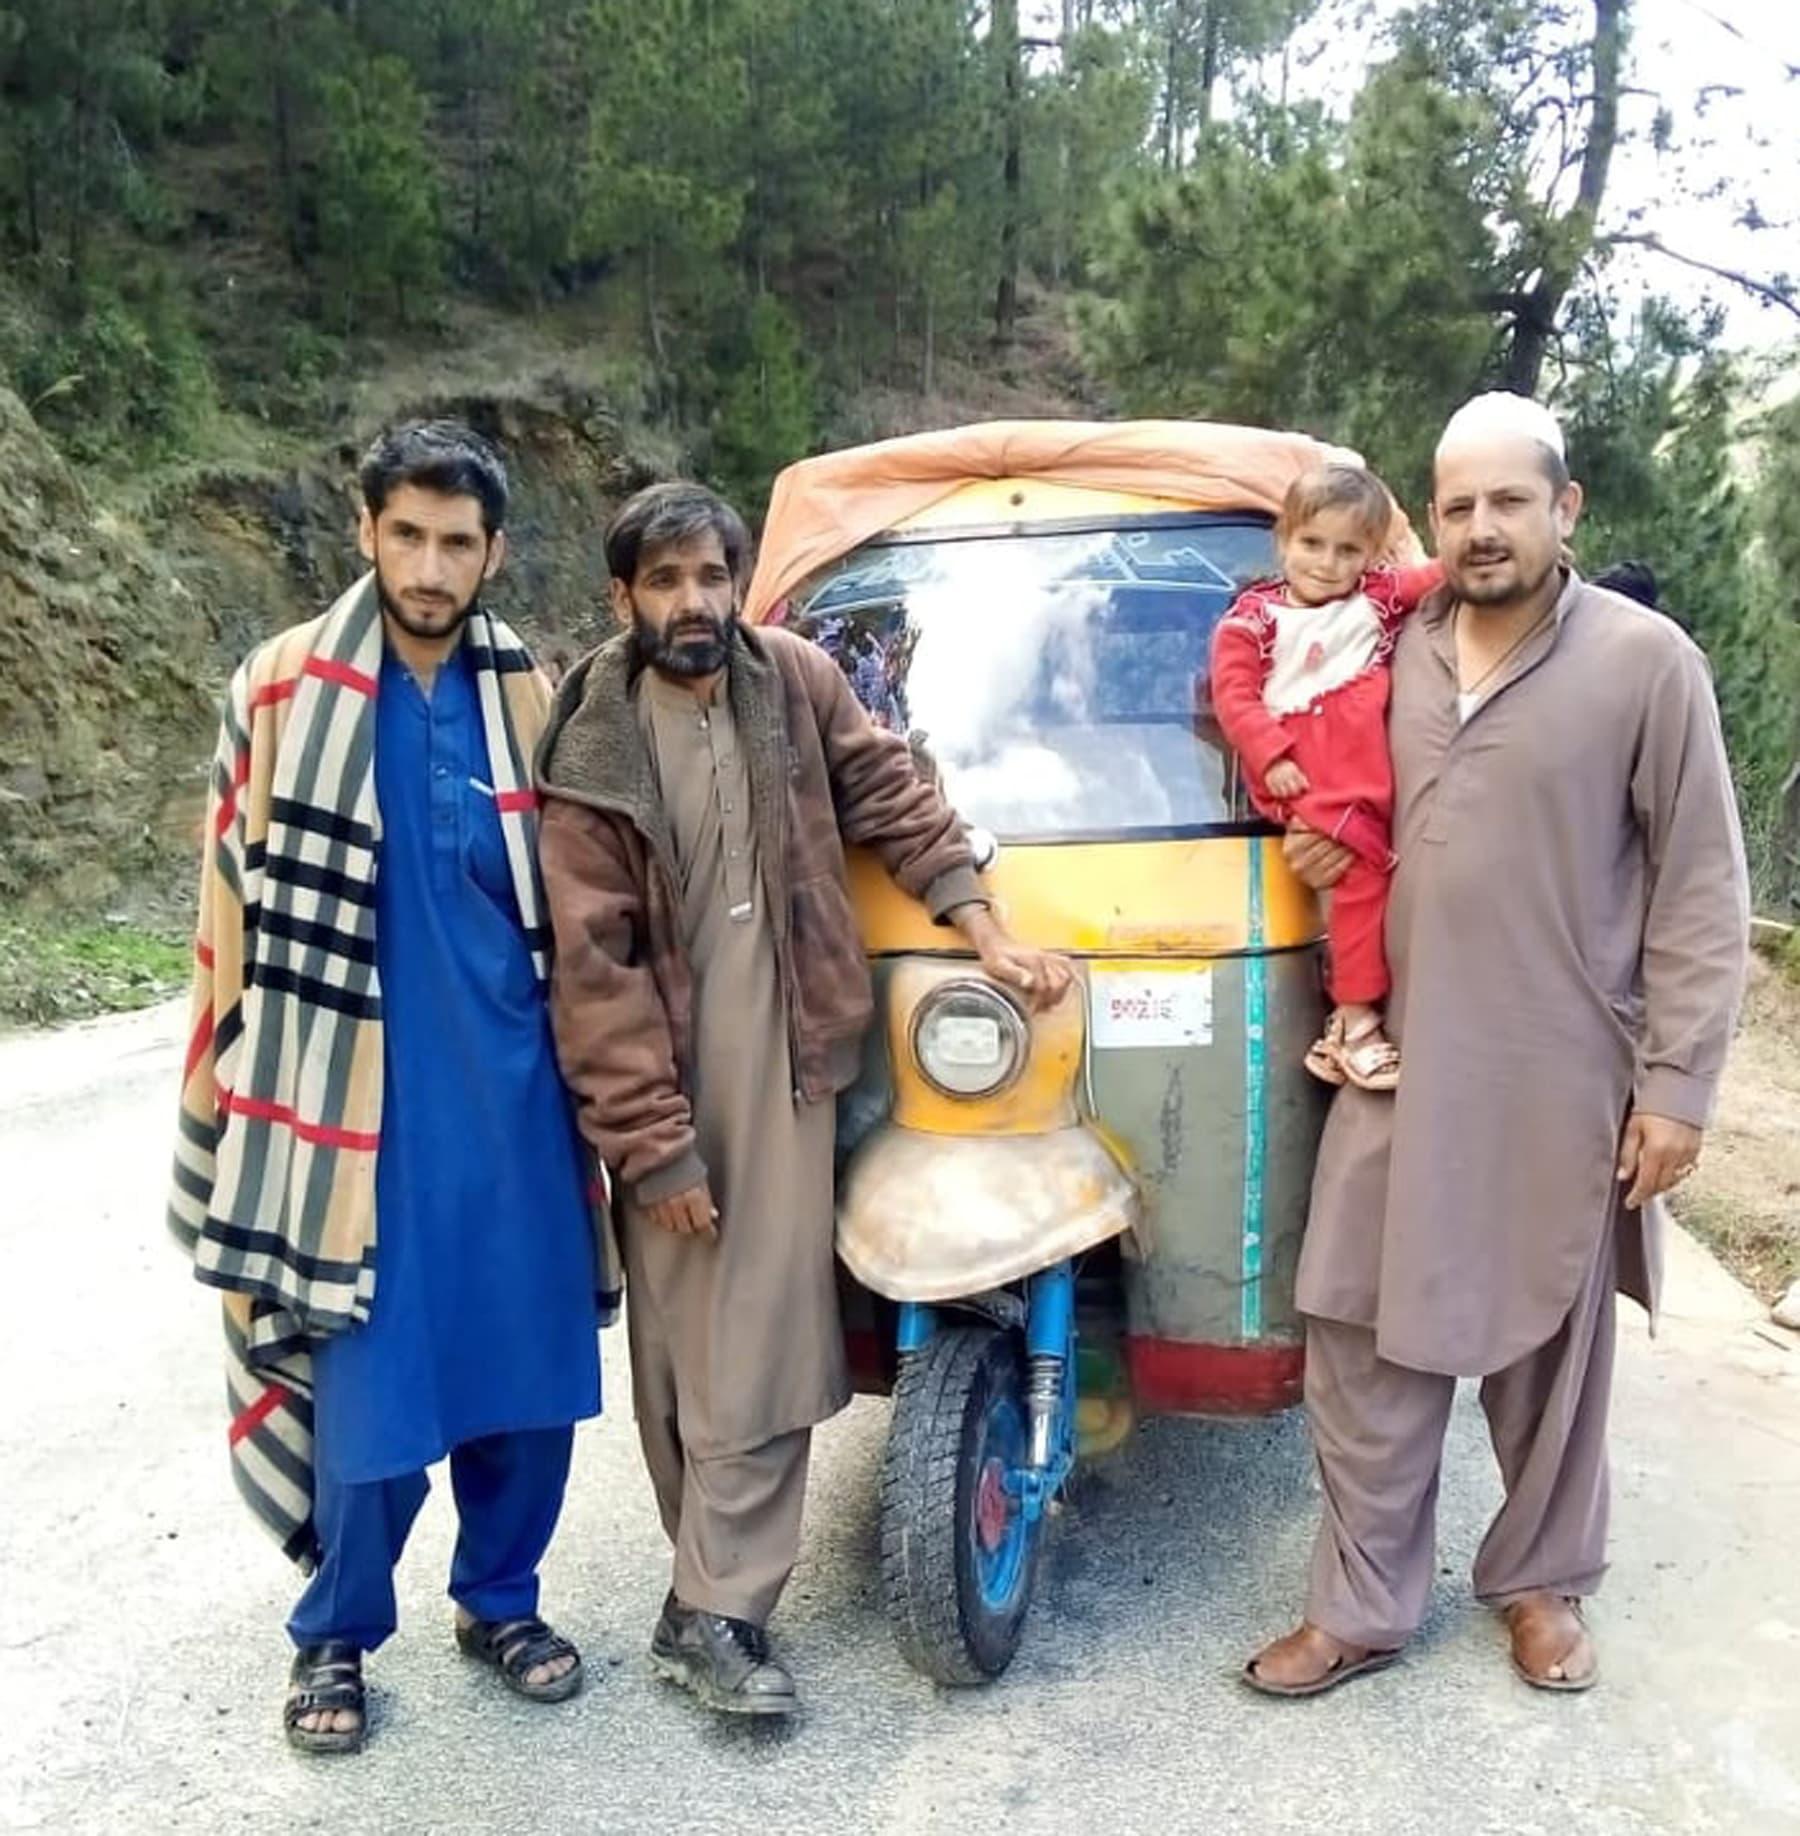 کراچی سے خیبر پختونخوا تک رکشے میں تقریباً 1700 کلومیٹر سفر کرنے والے 4 دوستوں میں سے 3 دوست